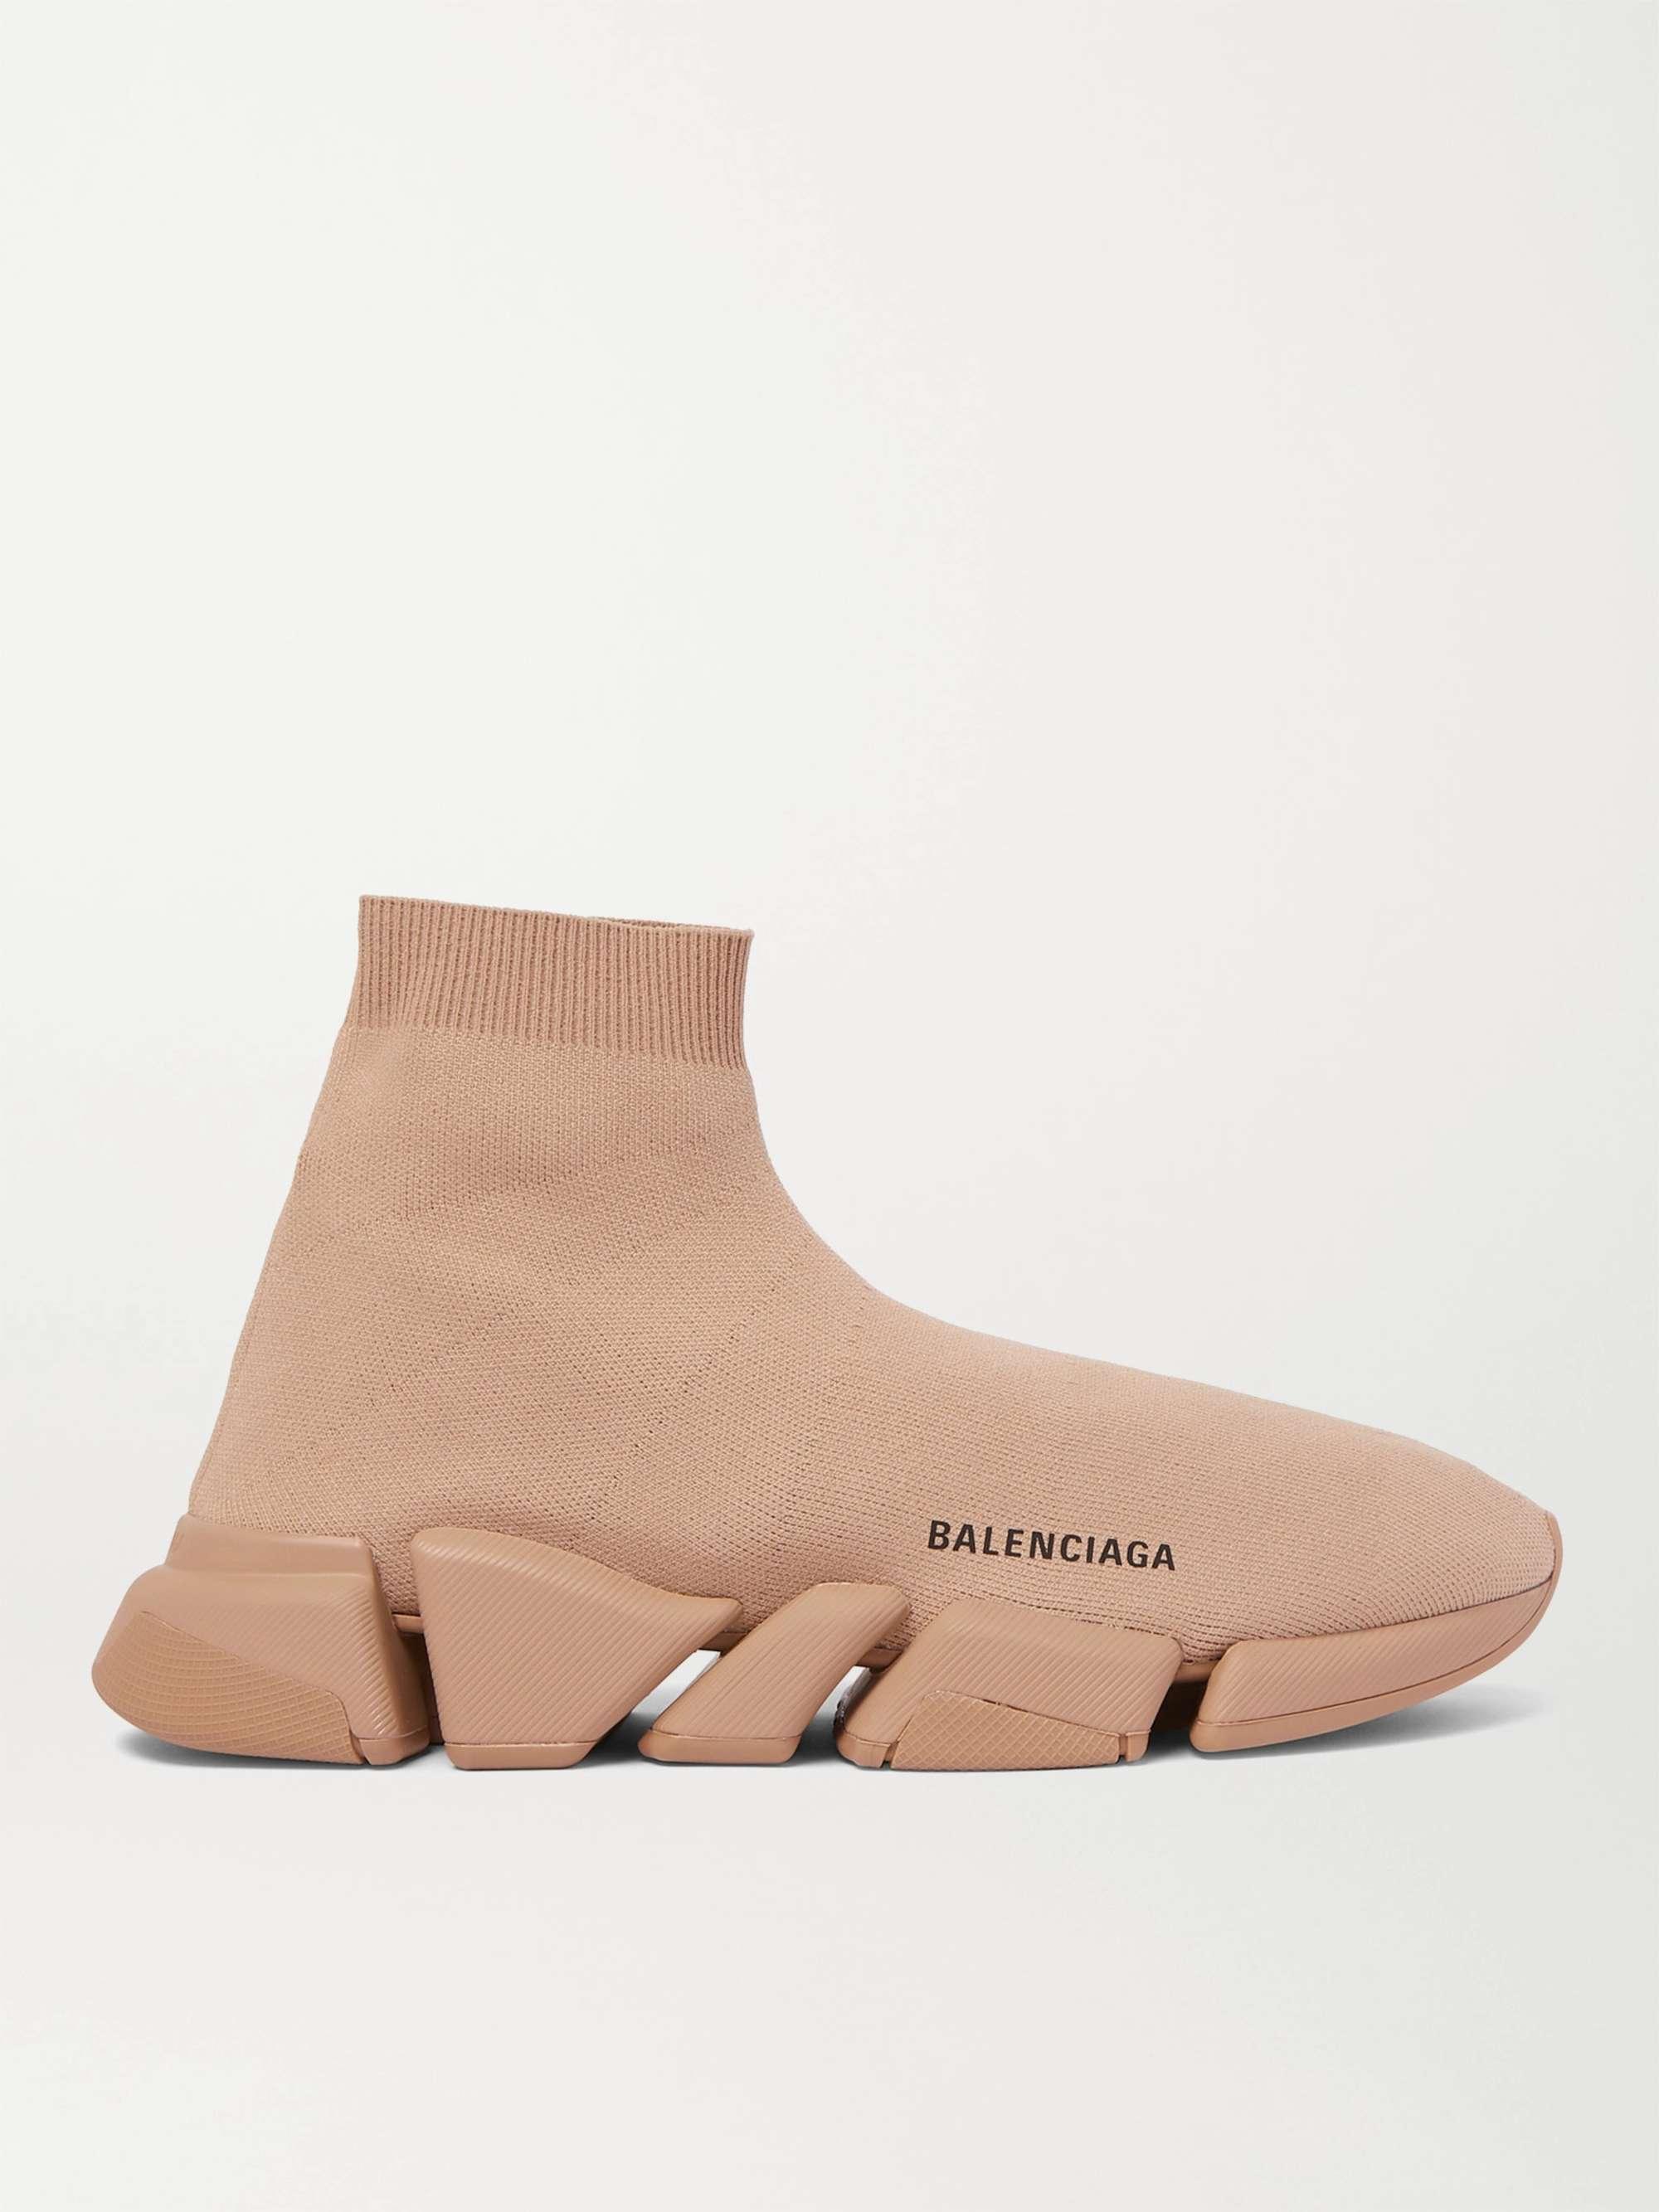 발렌시아가 스피드러너 2.0 남성용 - 베이지 Balenciaga Speed 2.0 Logo-Print Stretch-Knit Slip-On Sneakers,Beige